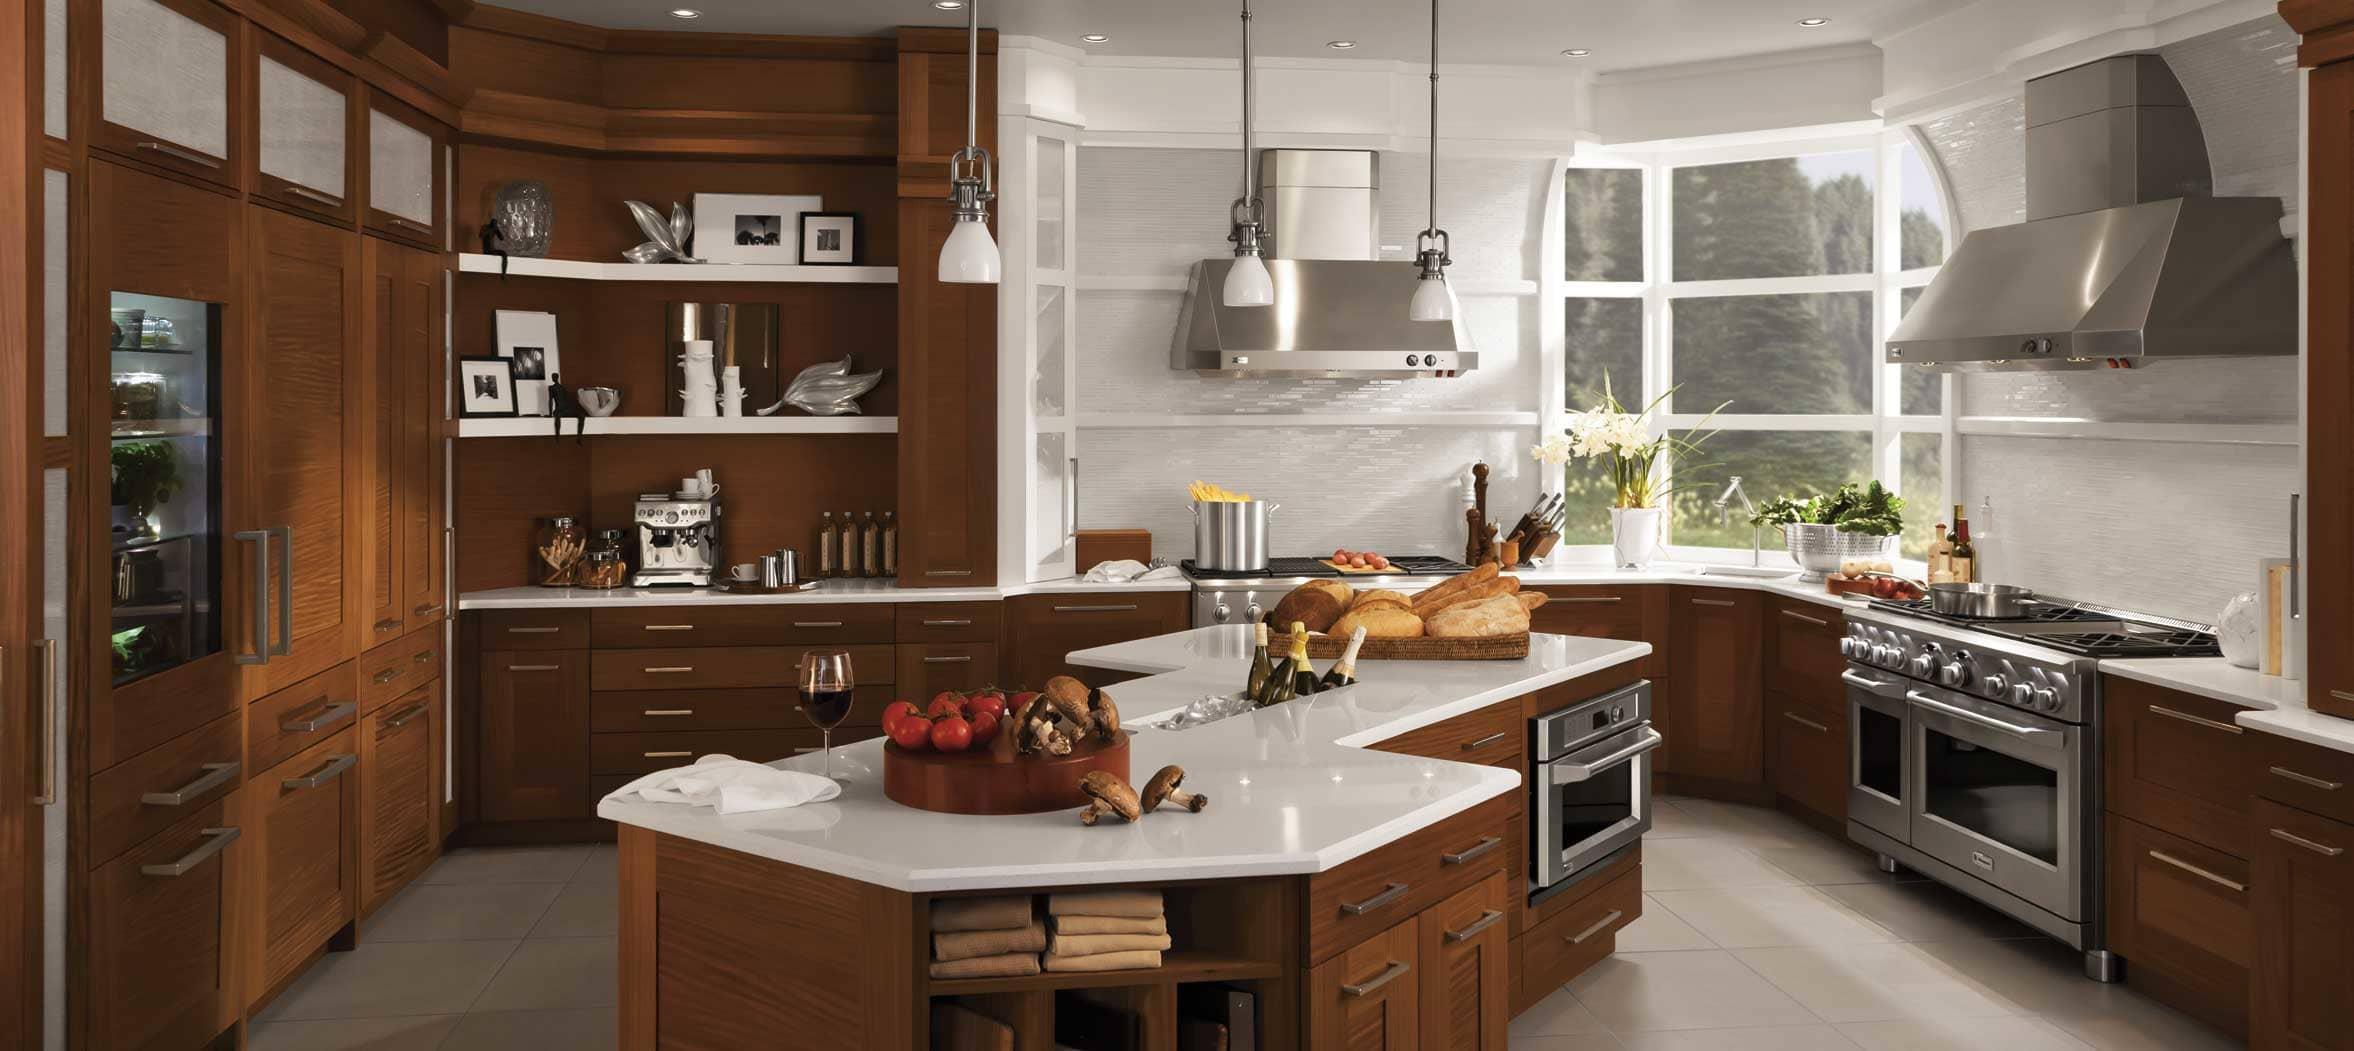 A bright, transitional kitchen designed around a Monogram range.